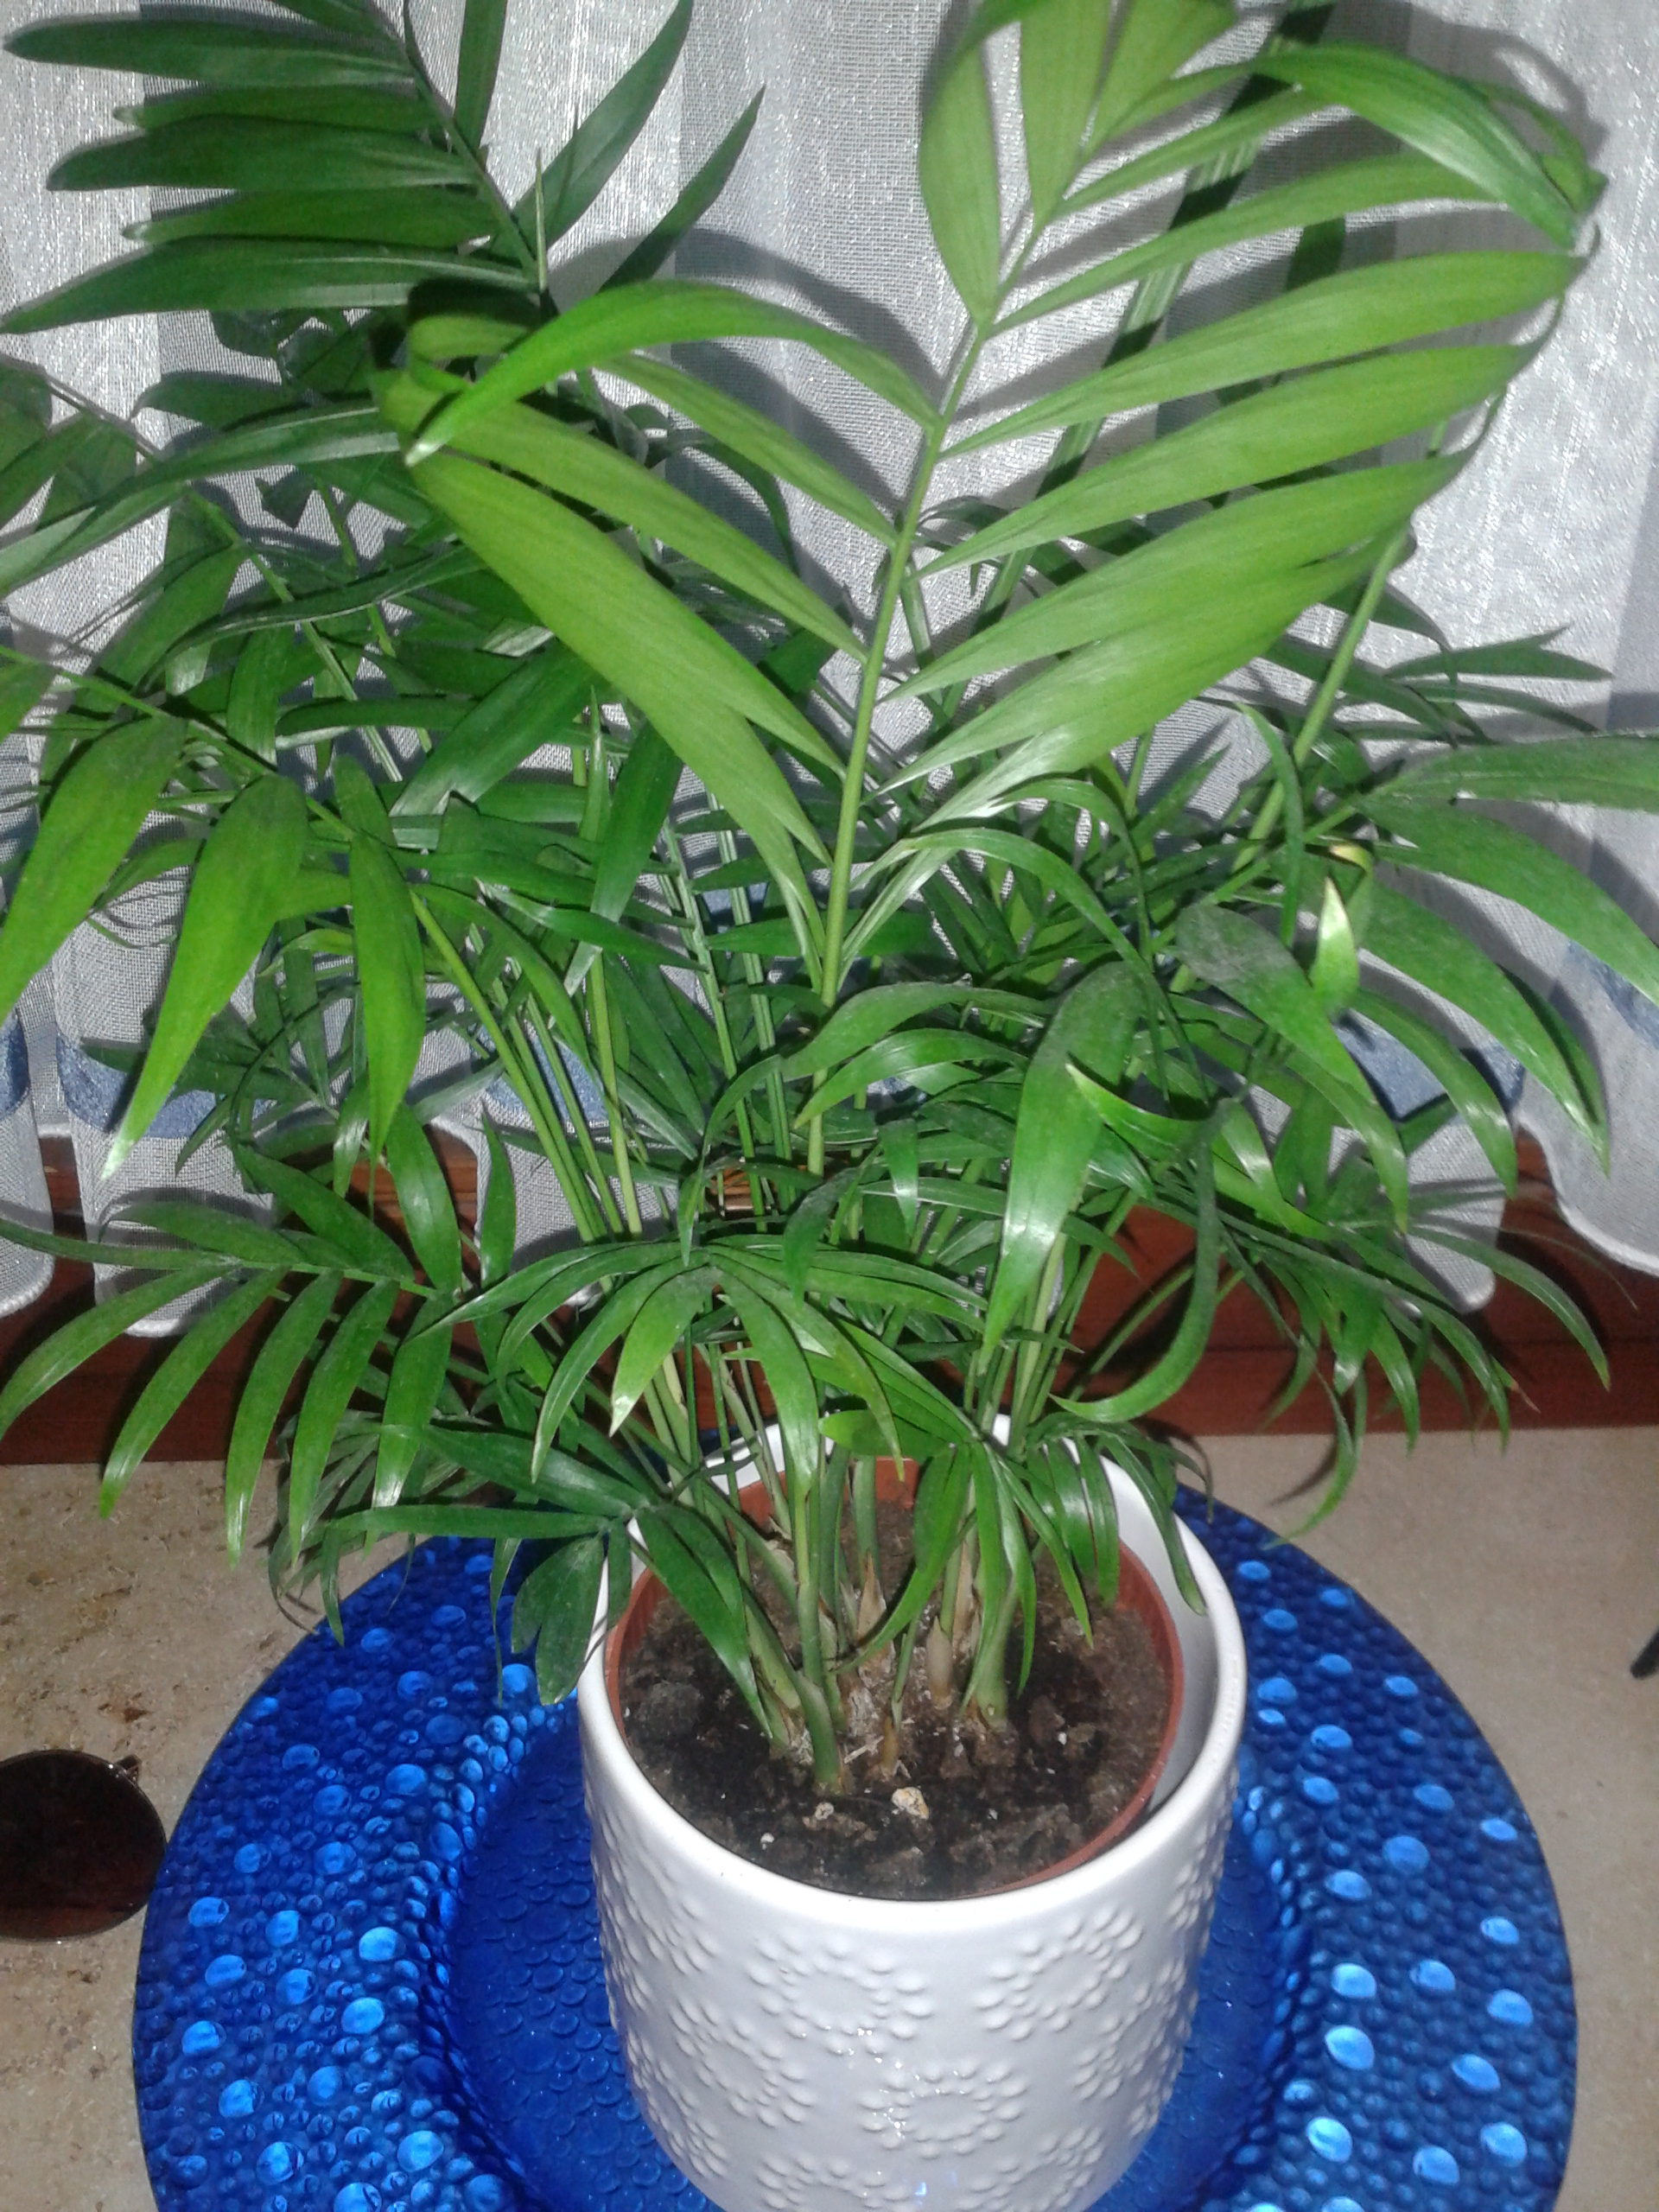 zimmerpflanzen erkennen pflanzen blumen pflanzenpflege. Black Bedroom Furniture Sets. Home Design Ideas